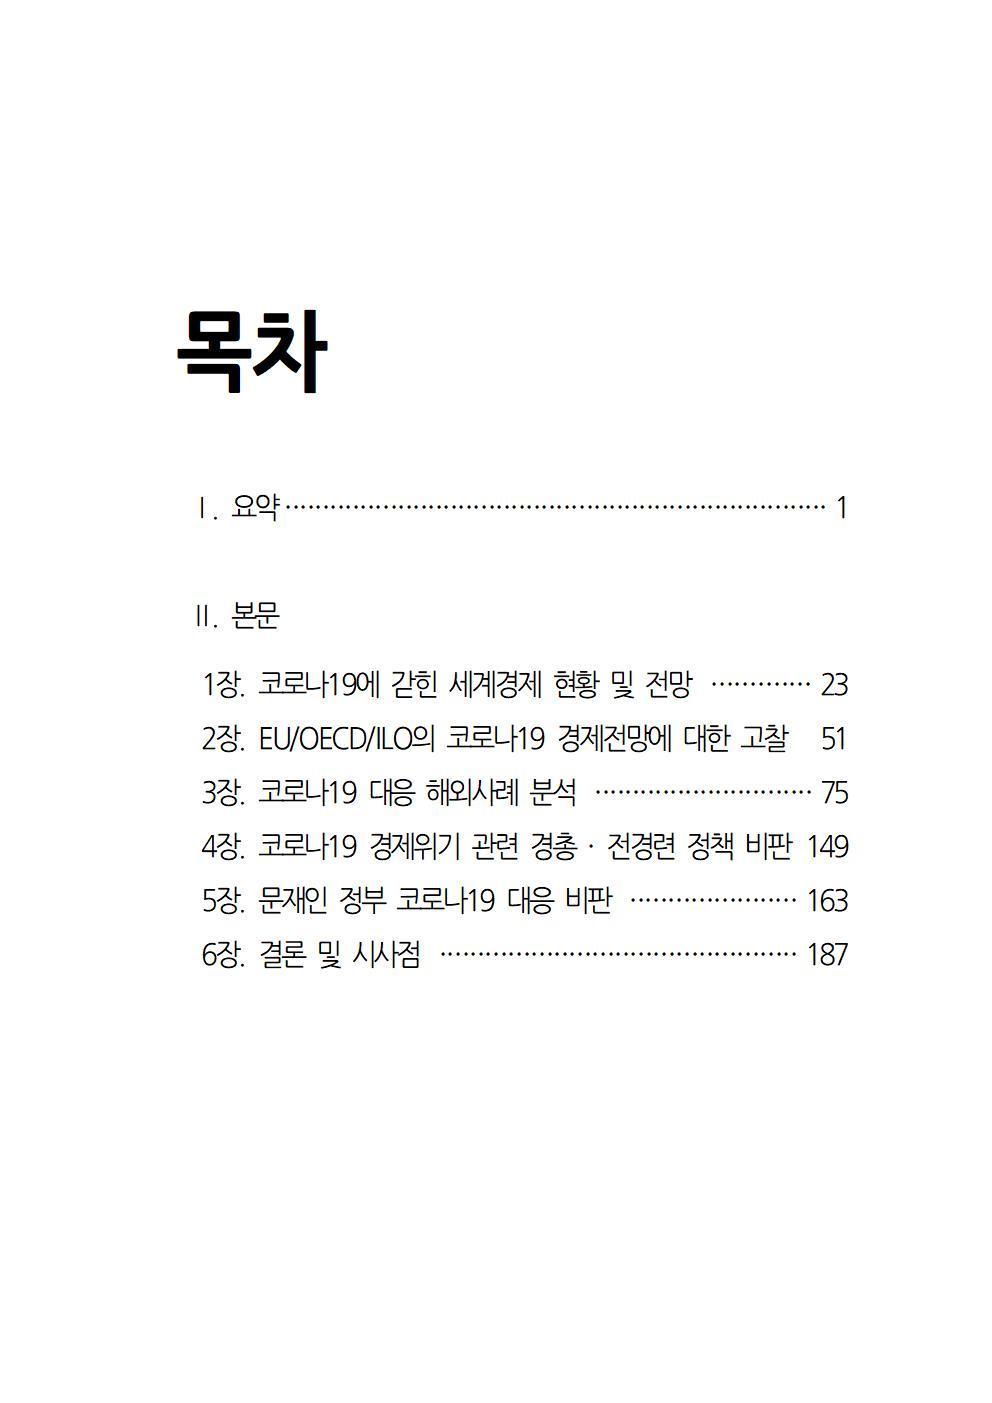 200416_코로나대응_이슈페이퍼모음(민주노동연구원)(편집최종)_표지002.jpg